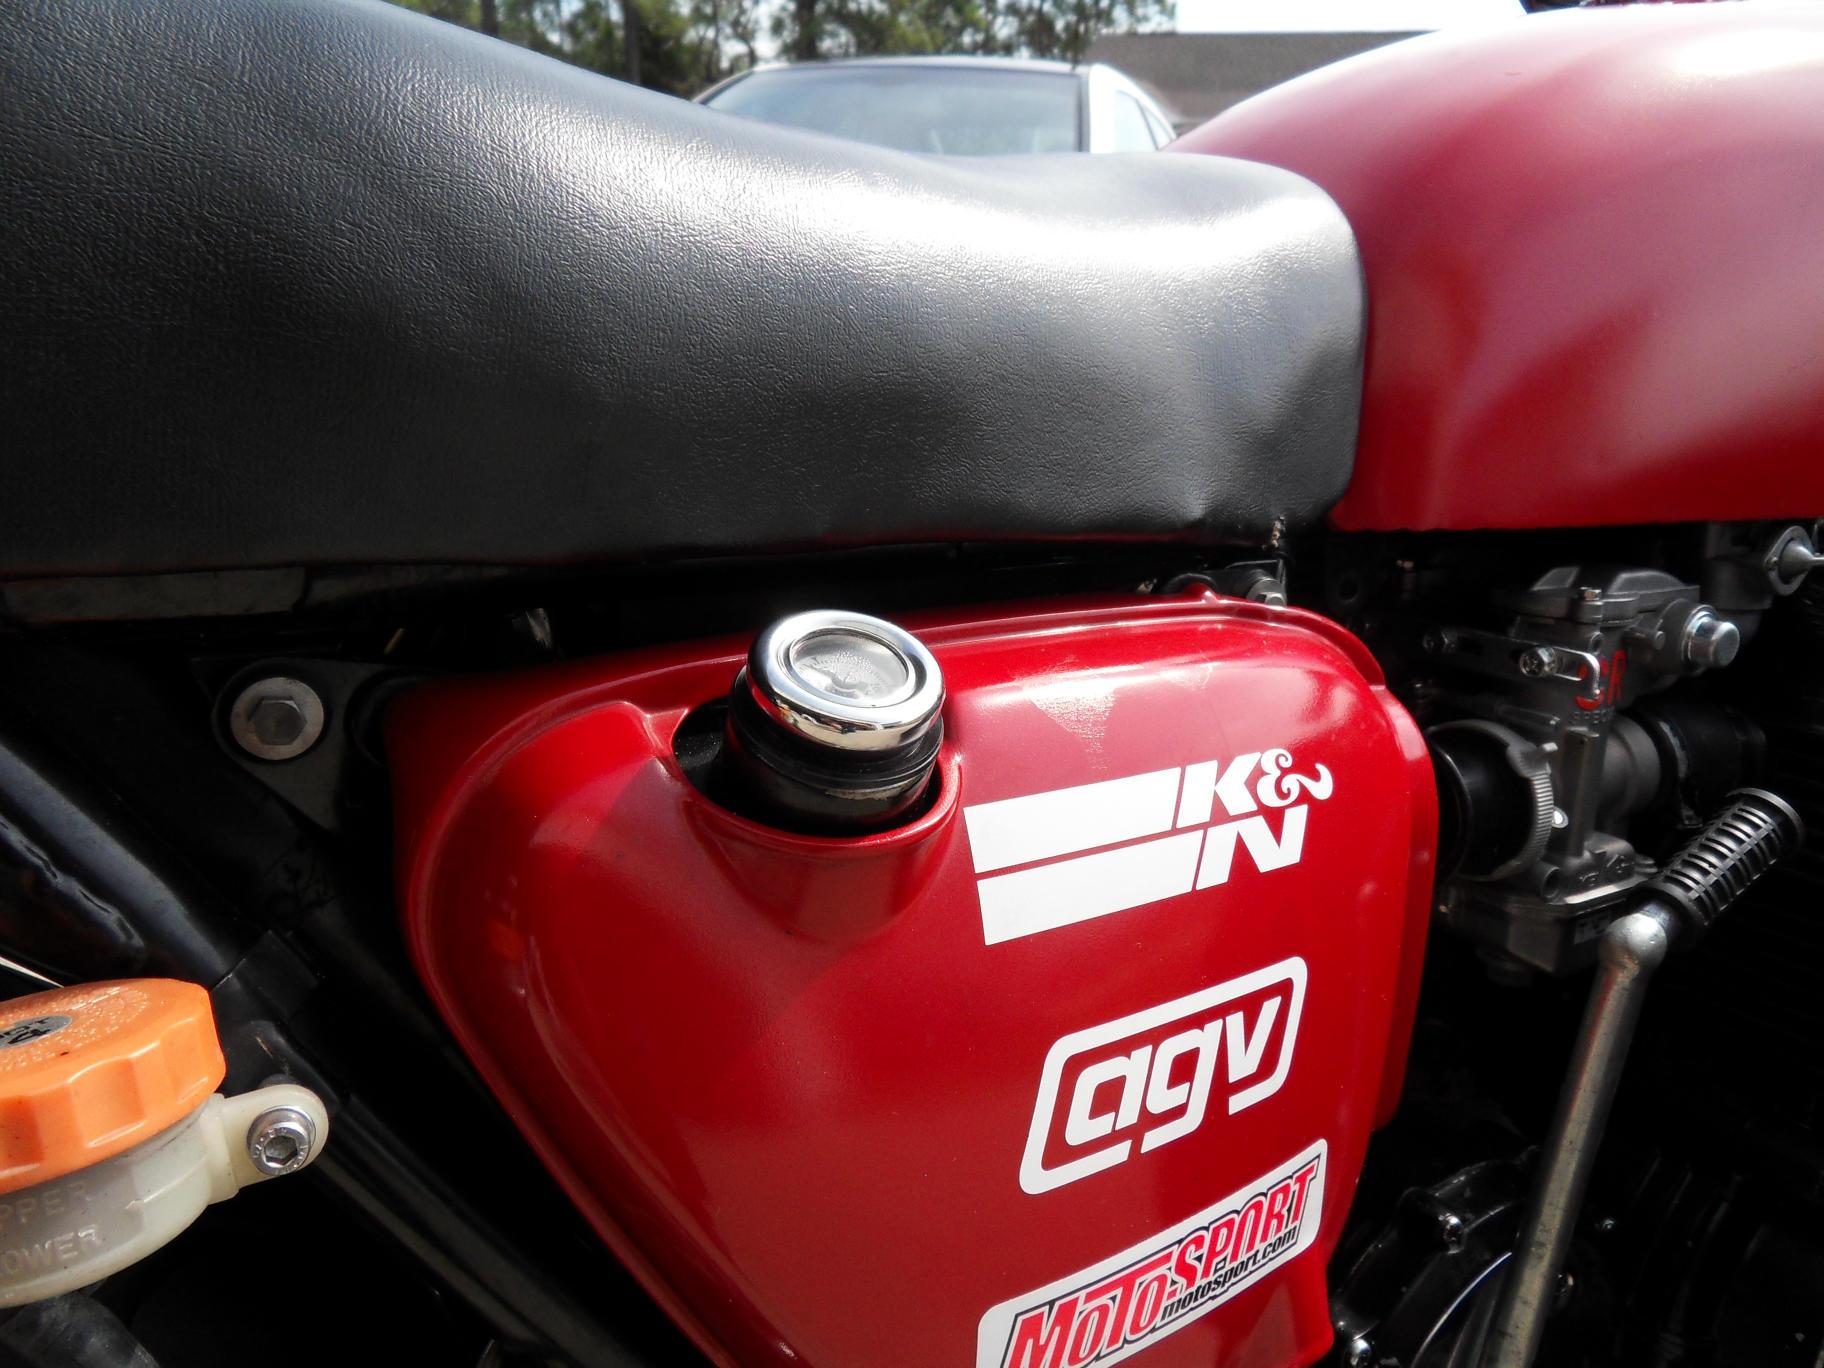 Honda CR750